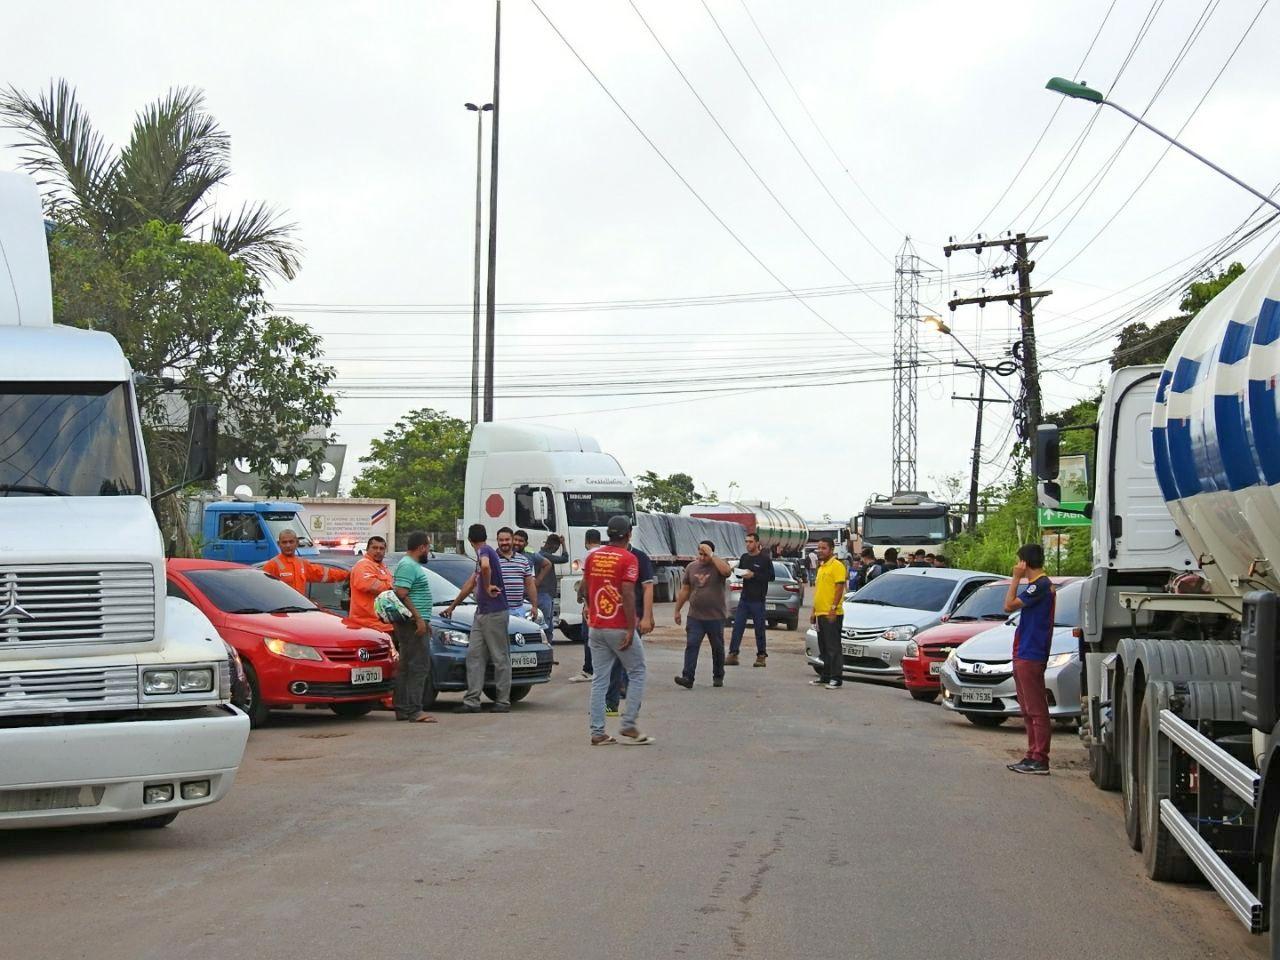 Caminhoneiros fazem protesto contra alta do diesel em estrada no Distrito Industrial de Manaus